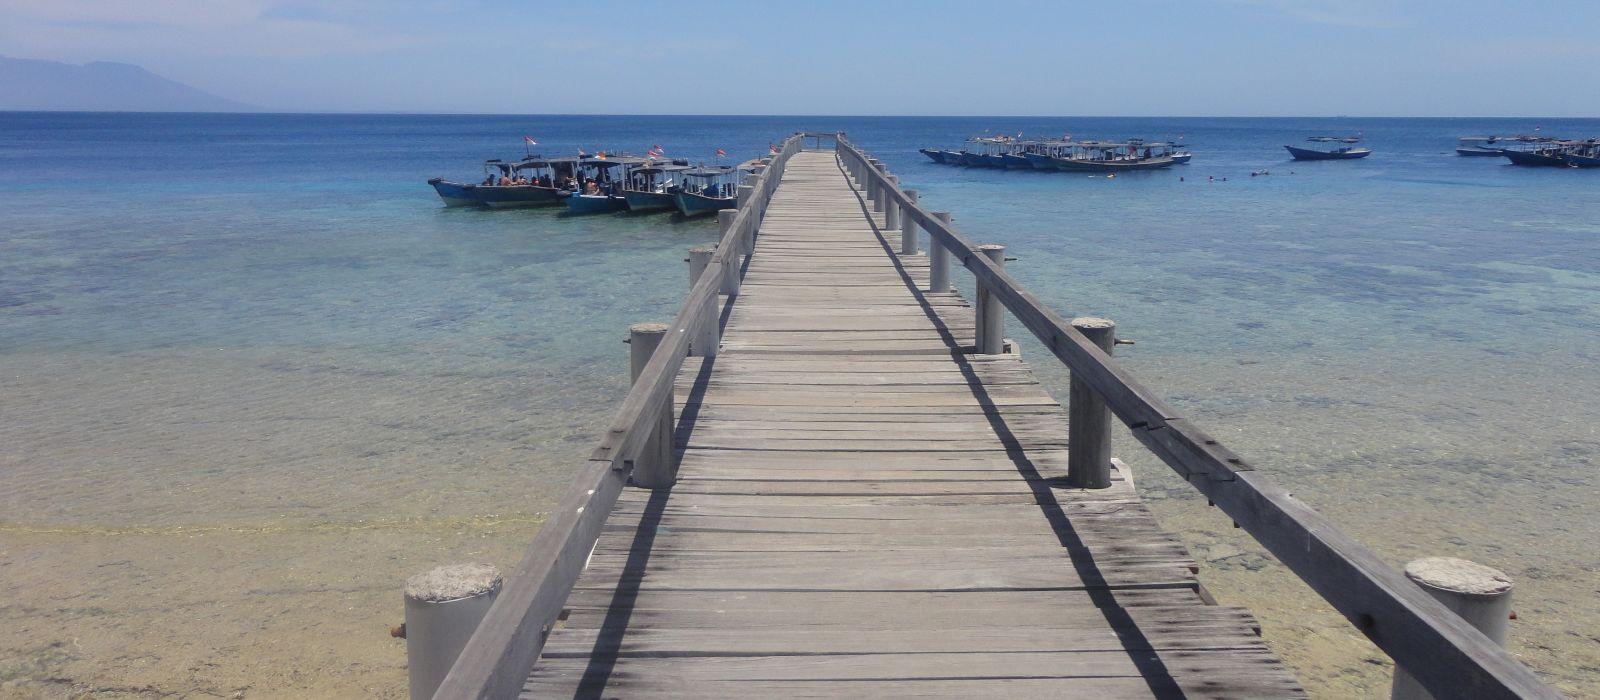 Indonesien: Von Insel zu Insel & Bali Urlaub 2